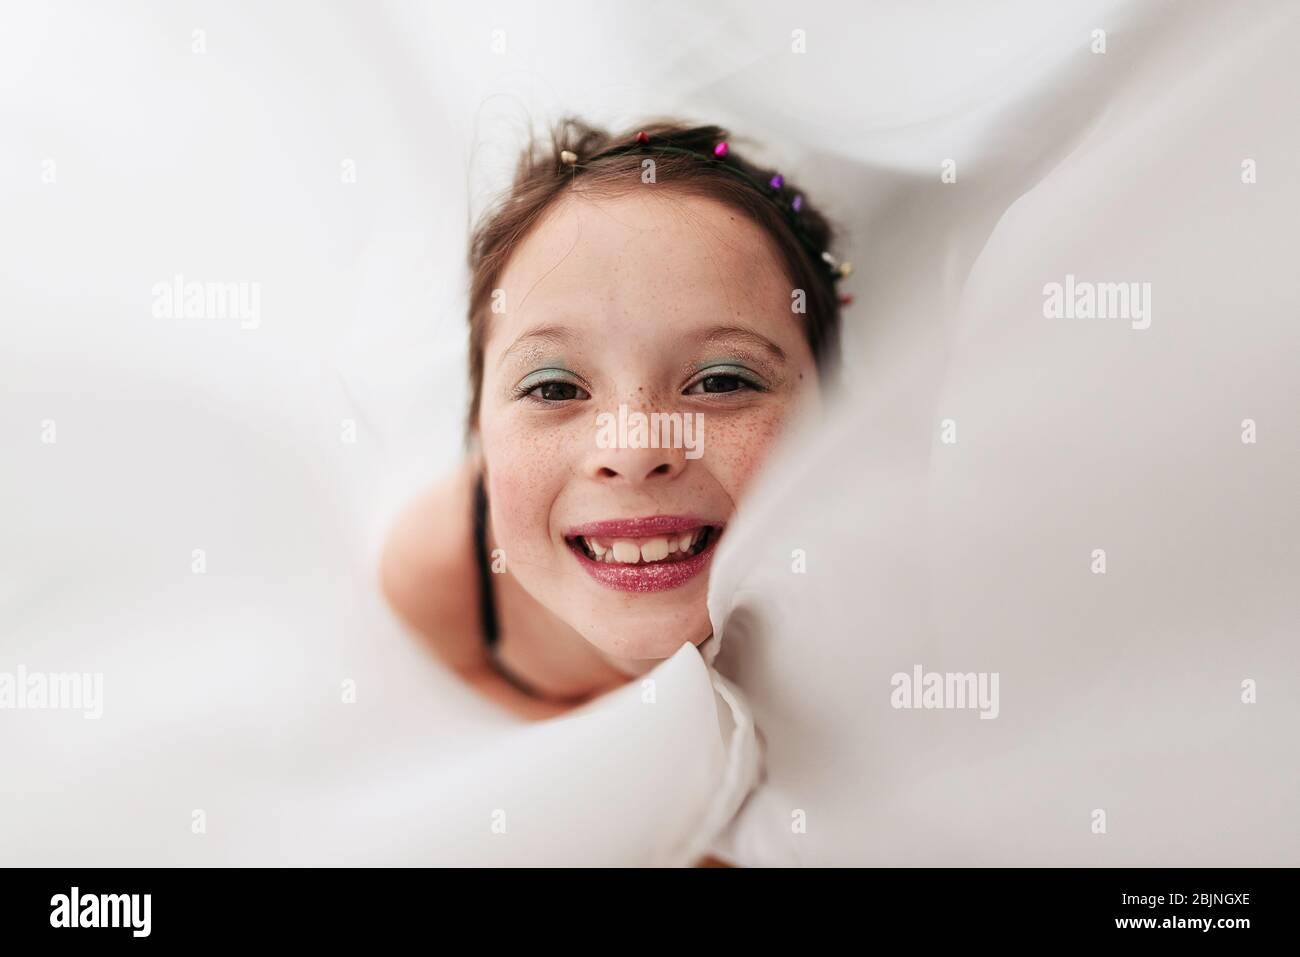 Porträt eines jungen Mädchens mit Make-up in einem Vorhang gewickelt Stockfoto